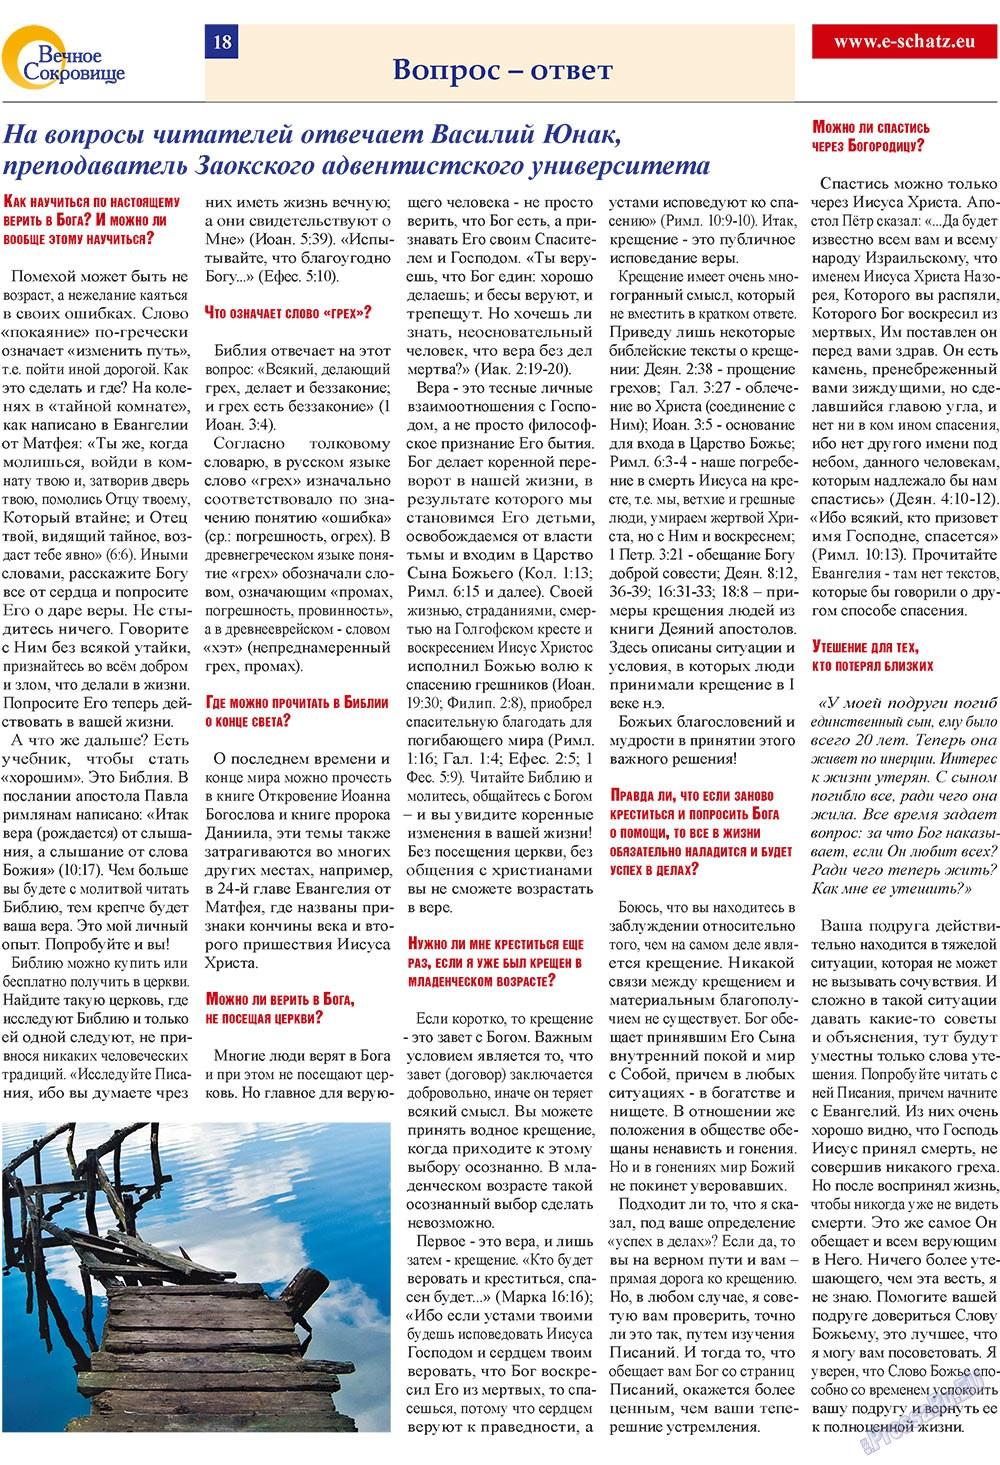 Вечное сокровище (газета). 2009 год, номер 2, стр. 18